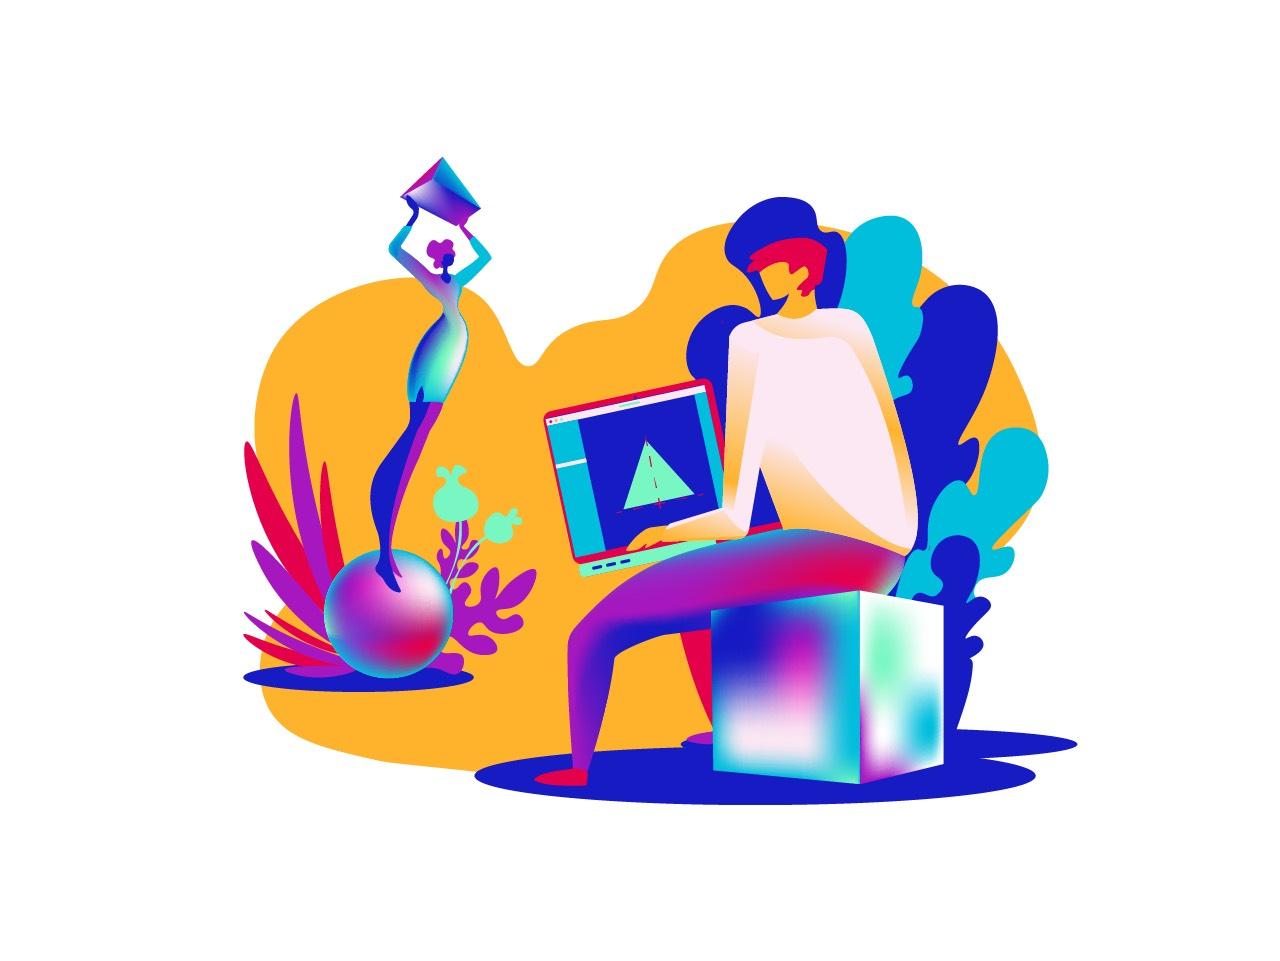 成功的视觉构图很大程度上利用了人们对于图形感知上的规律。影响人类感知的因素有很多,其中大多都和心理学息息相关。图形和形状当中,也蕴含着深刻的心理学原理,今天的文章我们来讨论一下图形中的规律,以及它们是如何影响设计师创作的。